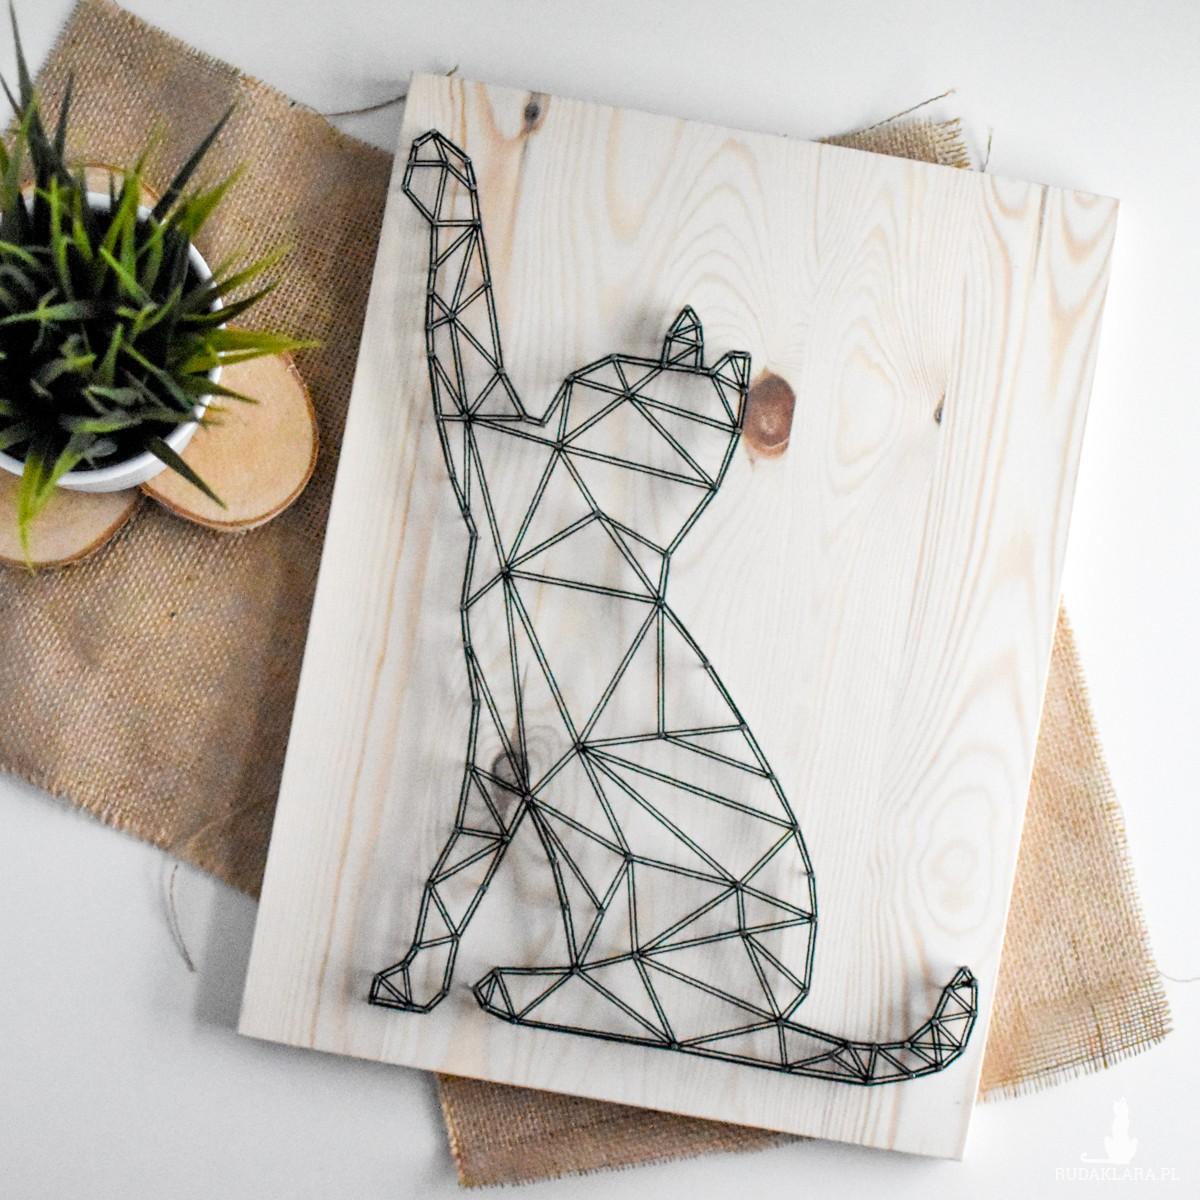 Kot geometryczny skandynawski, Kot do pokoju dziecka, Naturalne drewno